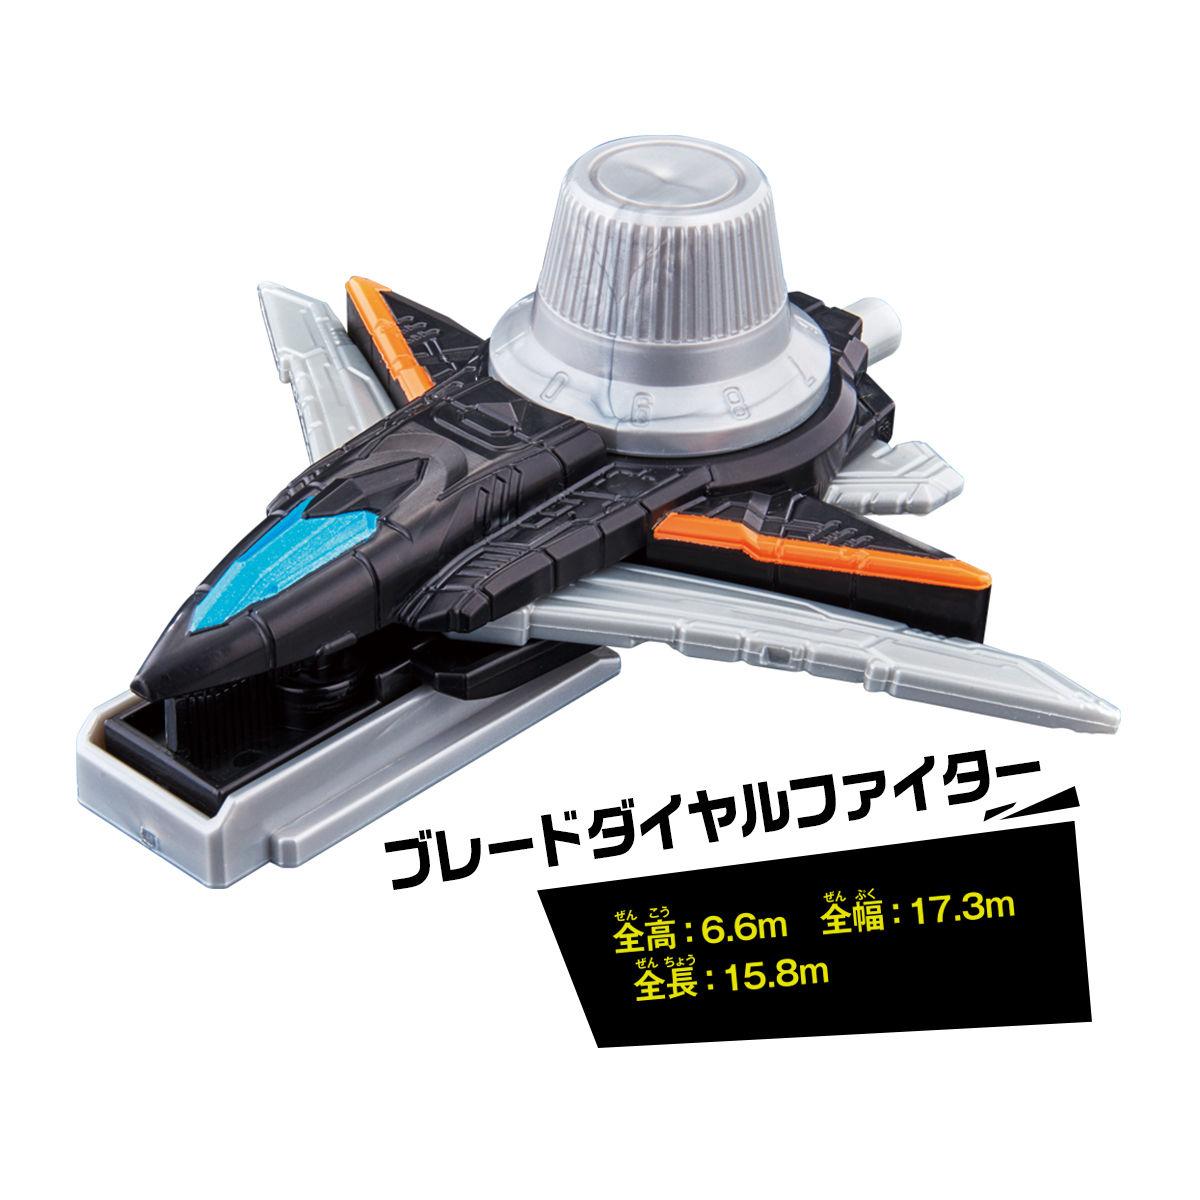 VSビークルシリーズ DXシザーダイヤルファイター&ブレードダイヤルファイター